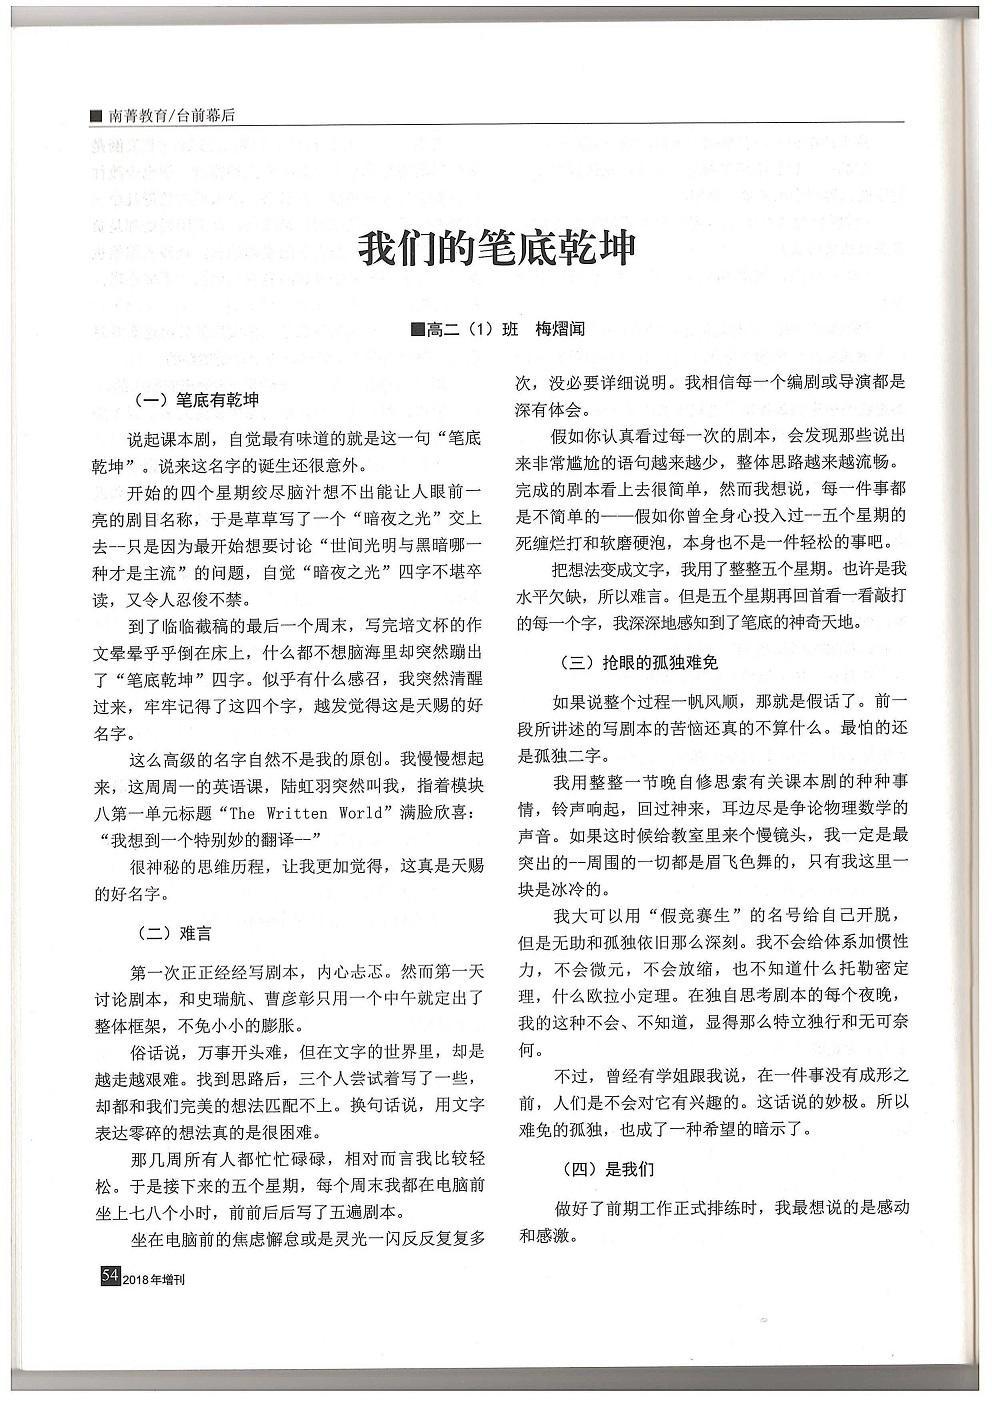 7-1梅熠闻评论1.jpg